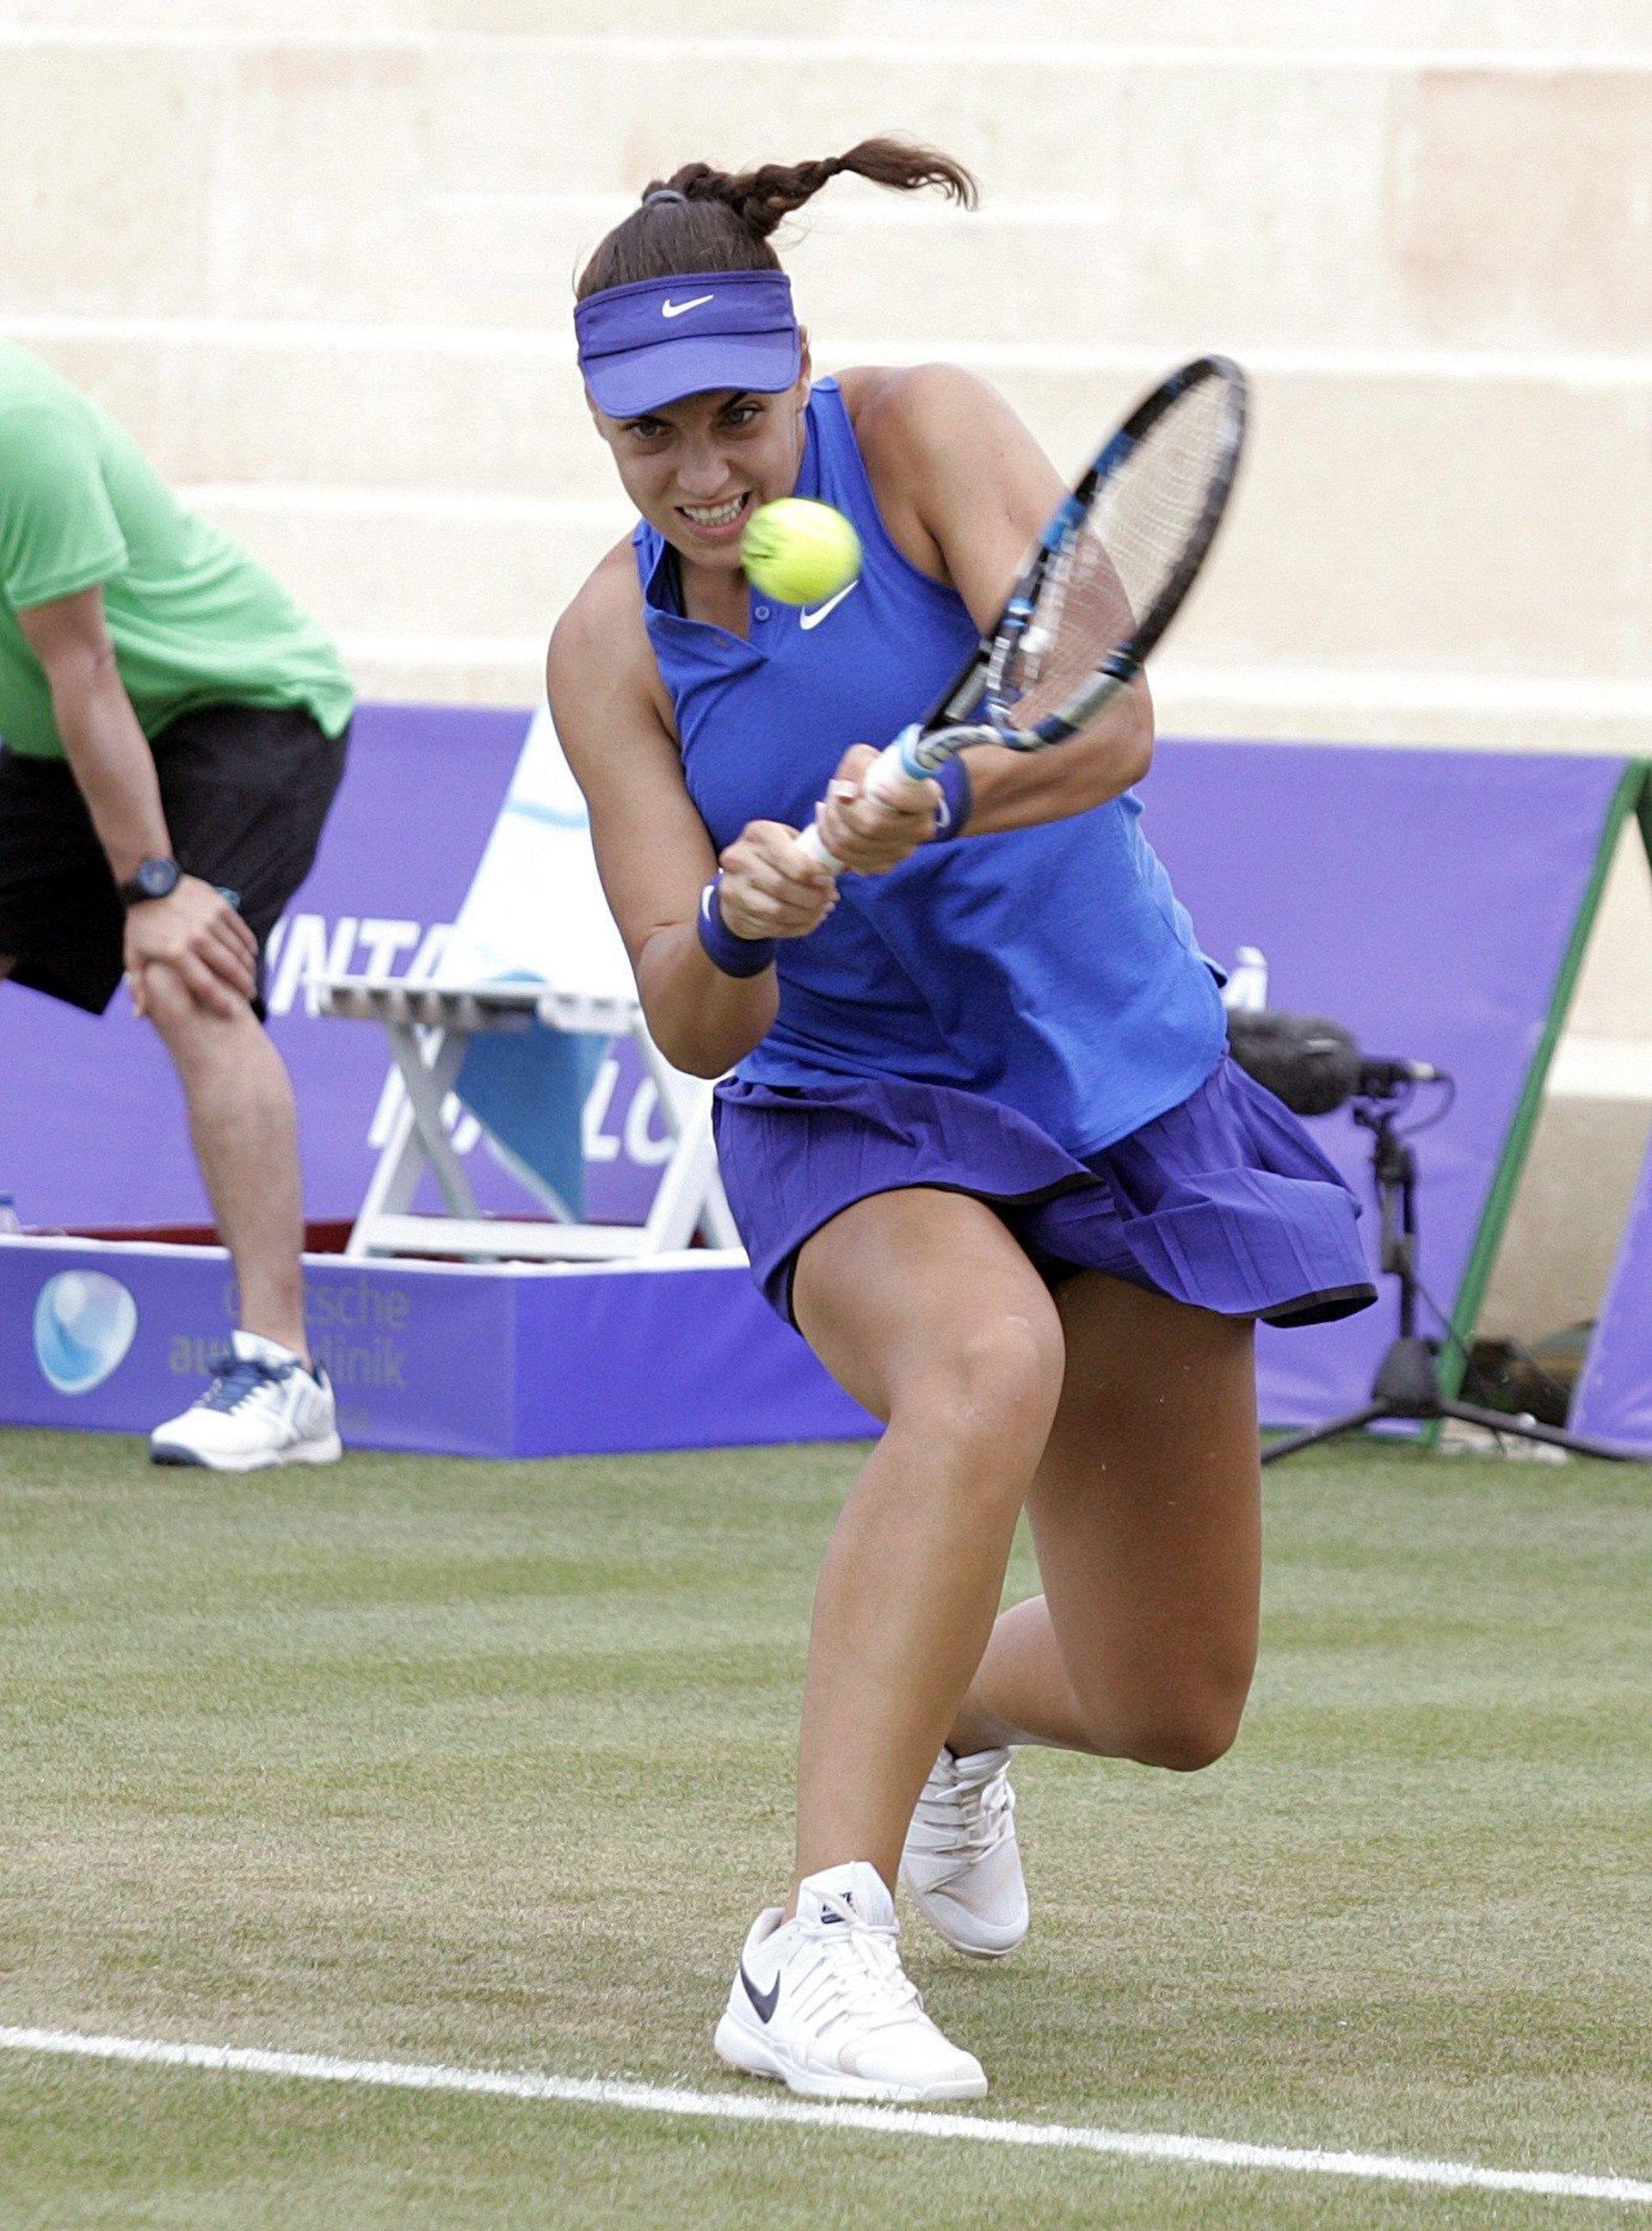 WIMBLEDON Ana Konjuh bila na pragu senzacije, ozljeda odnijela pobjedu nad 3. nositeljicom